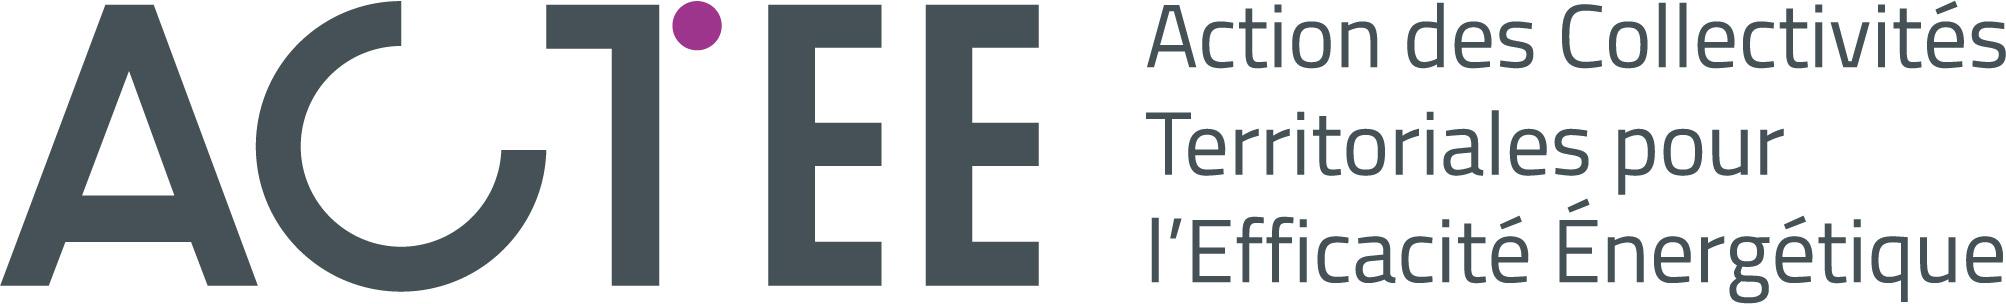 Programme national ACTEE : le groupement dont BMa est mandataire lauréat de l'appel à projets Séquoia de la FNCCR